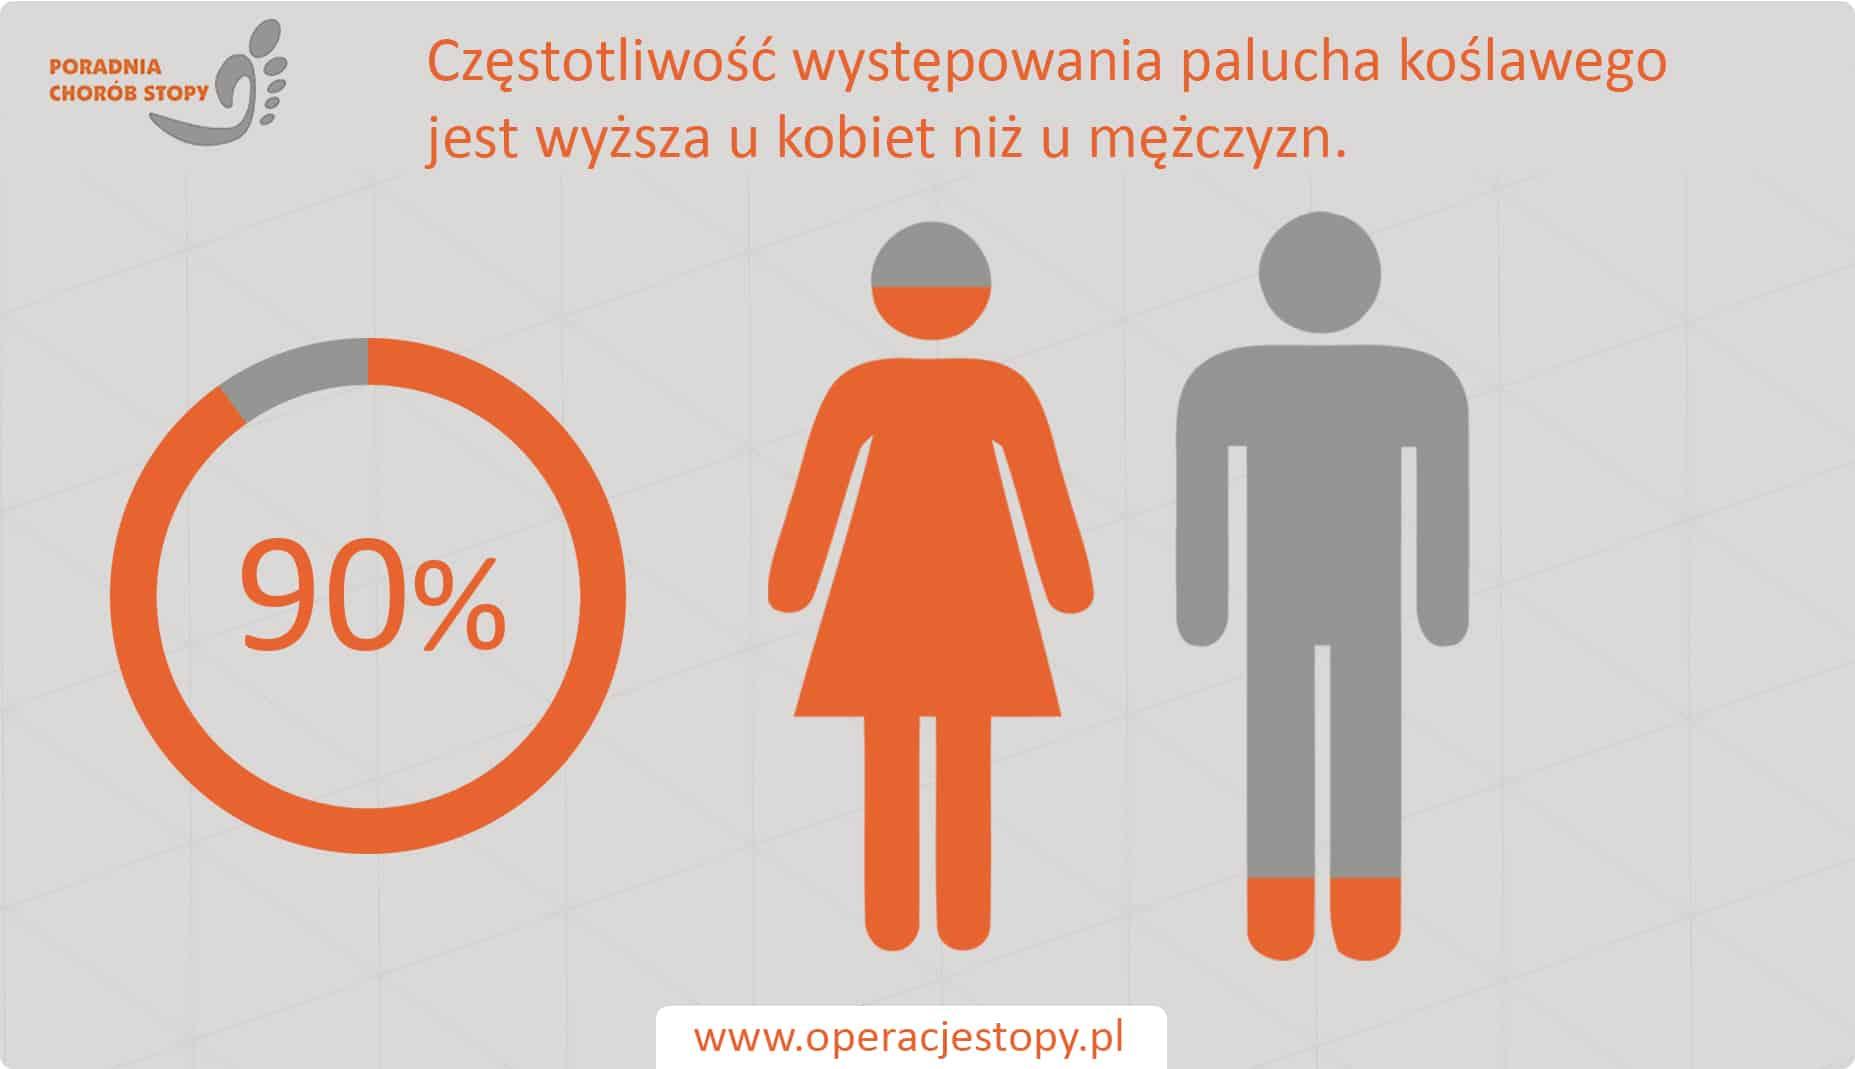 Operacjestopy.pl Haluksy - Kobiety vs Mężczyźni